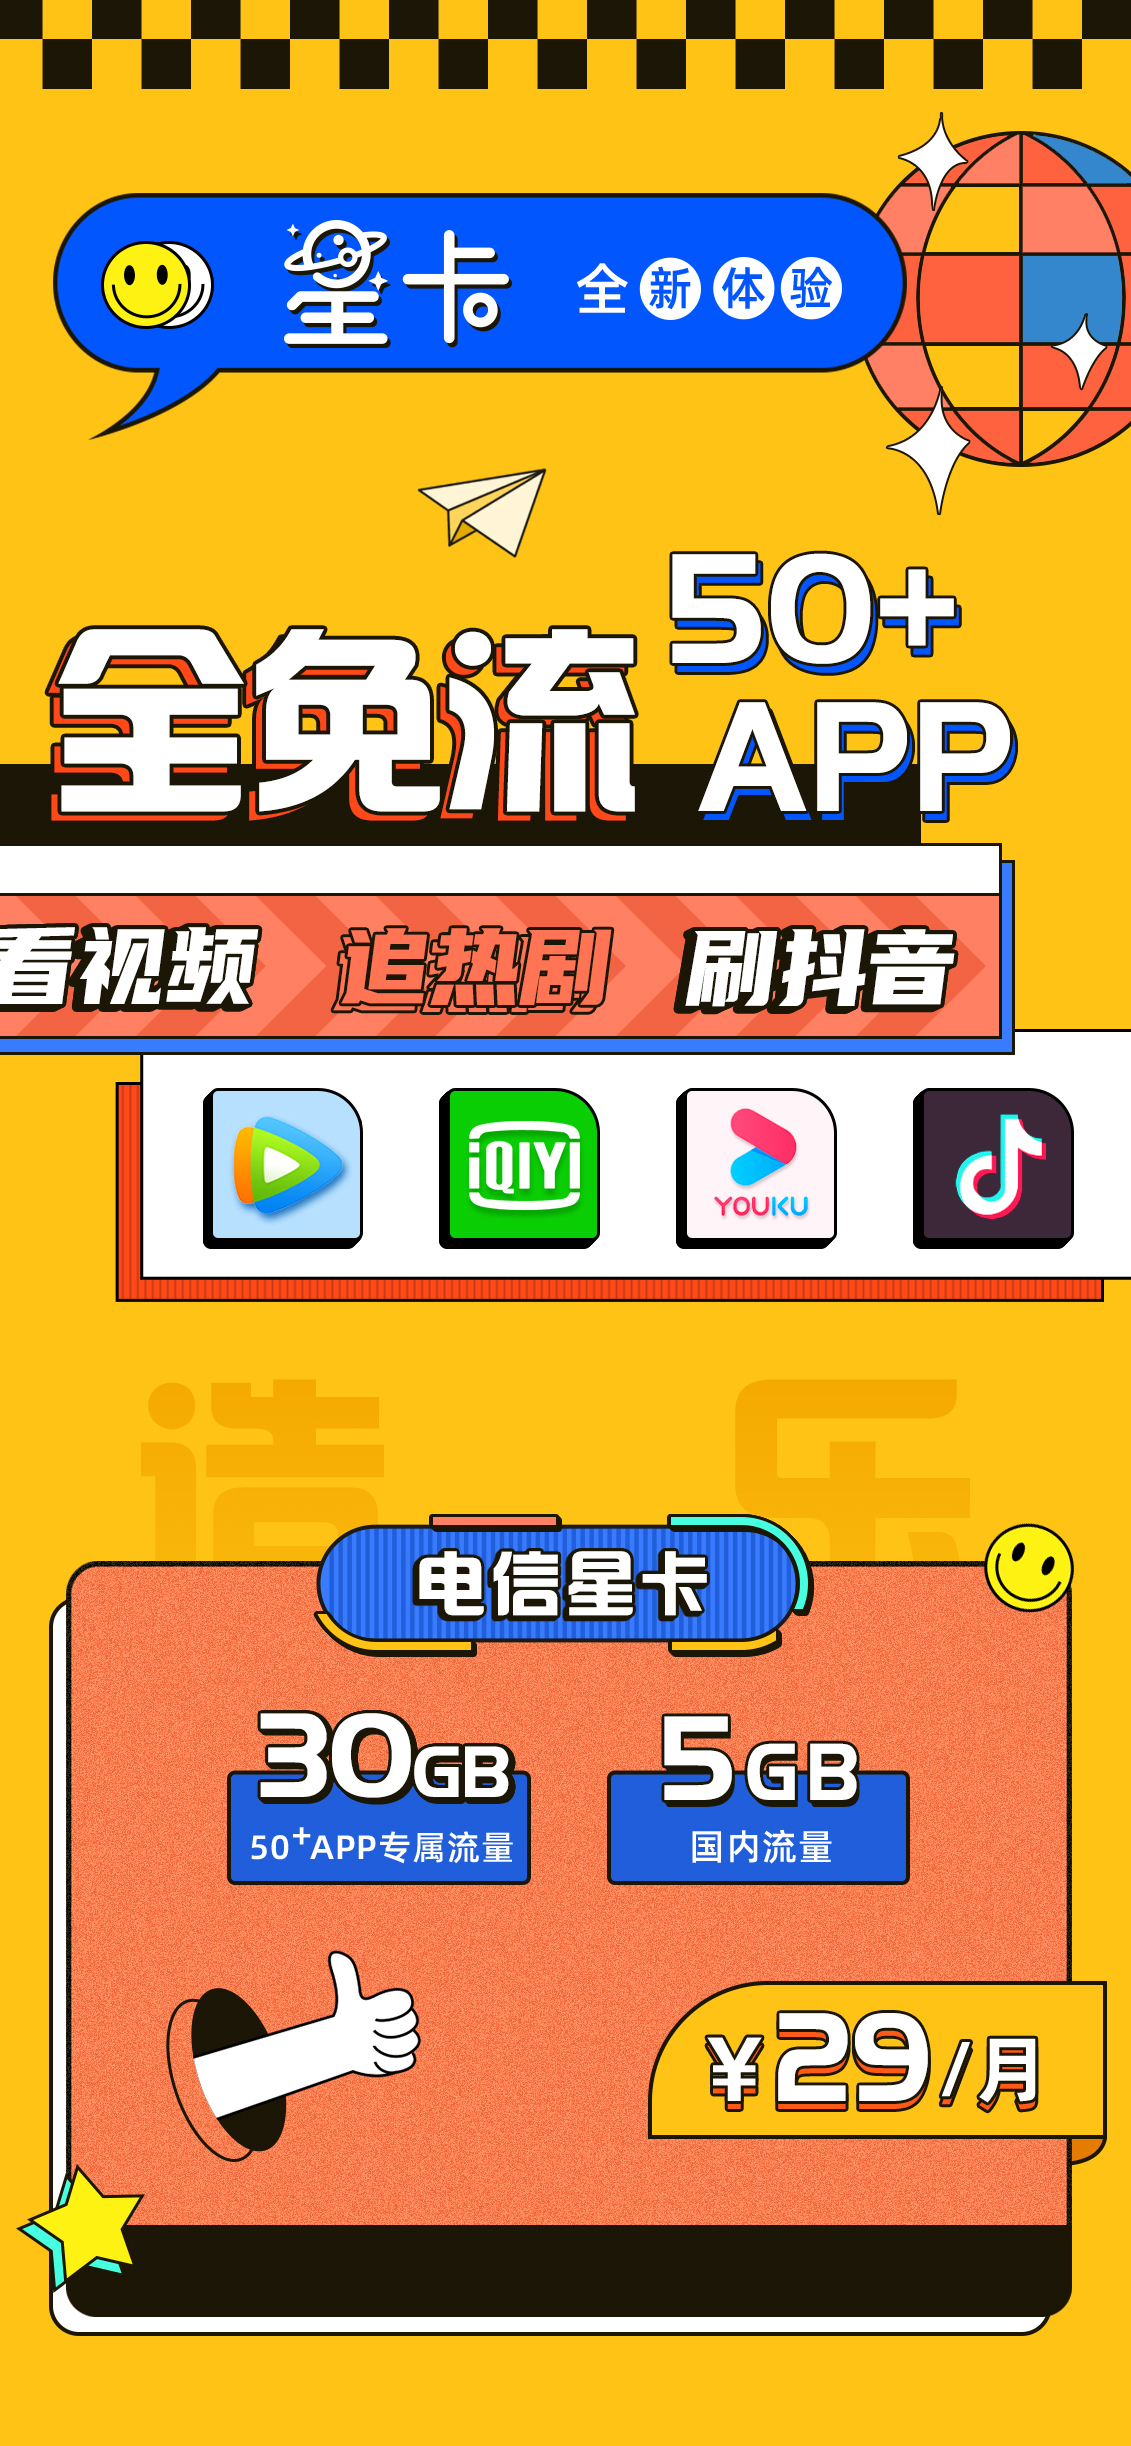 29元星卡畅玩版新用户-2021.4_01.jpg